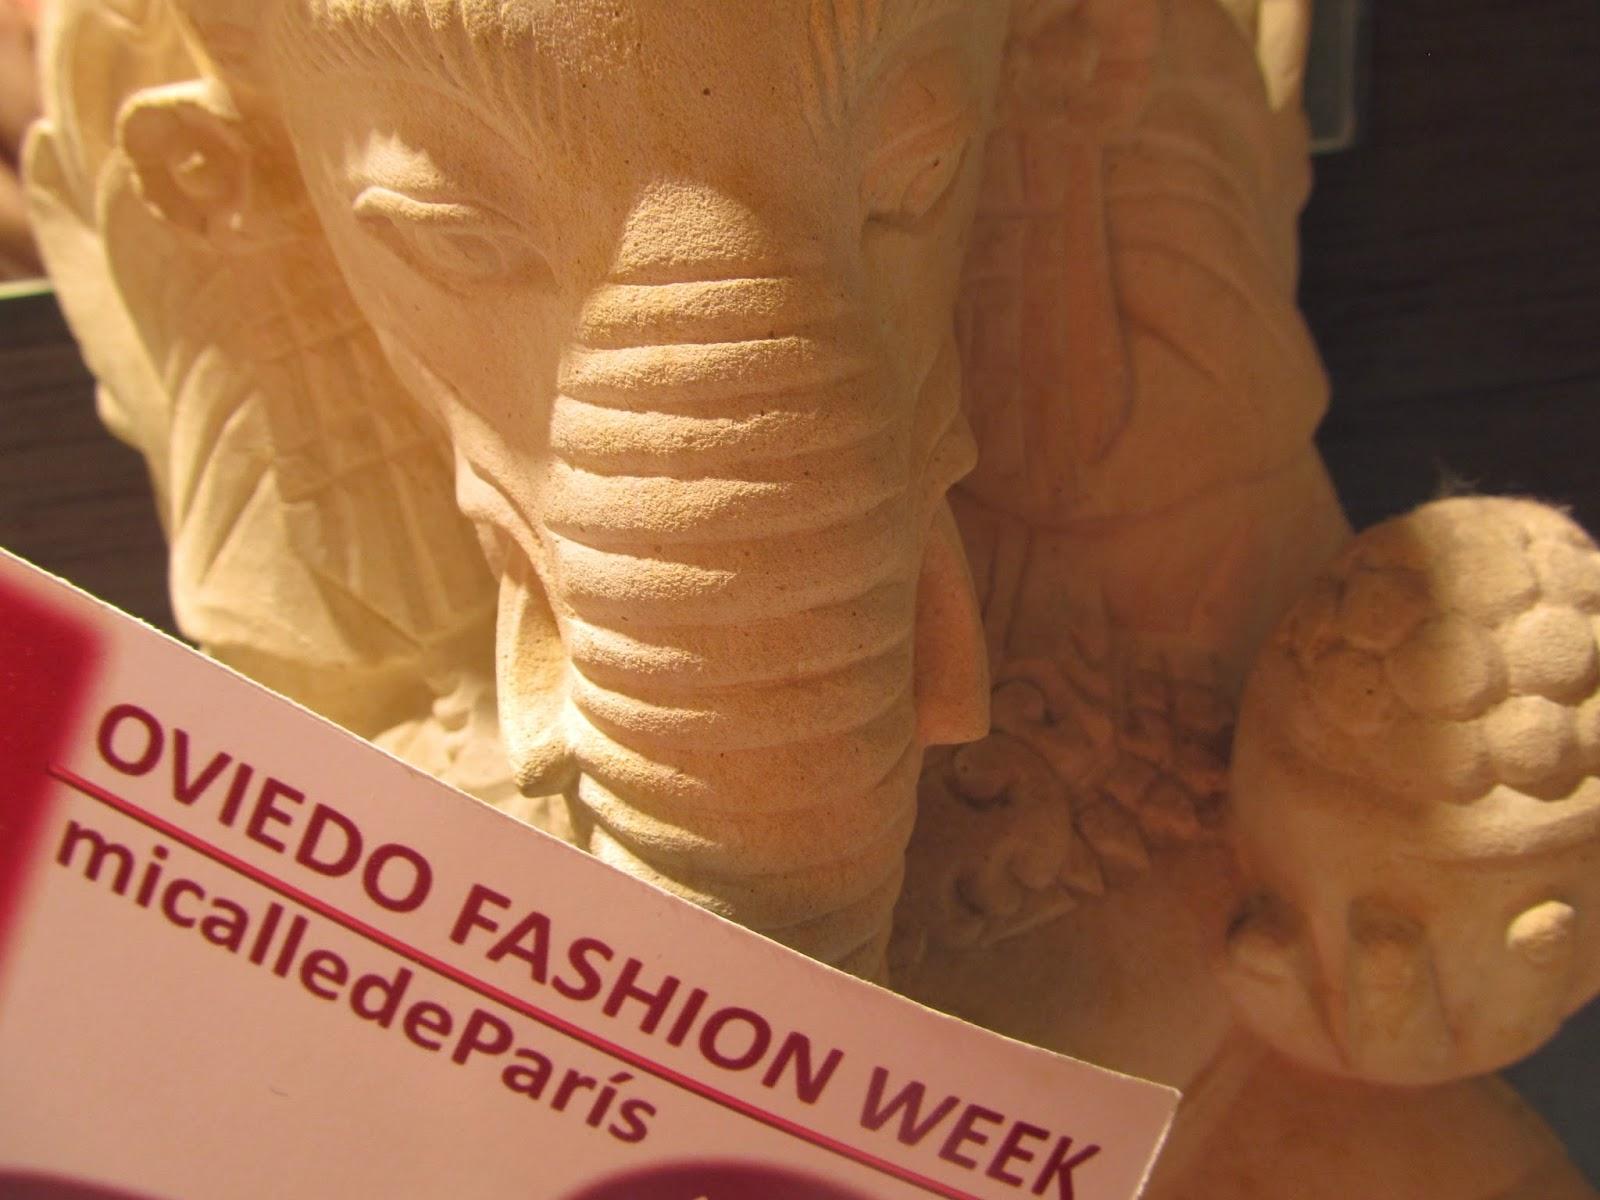 belleza oviedo fashion week mi calle de paris cremas tratamiento